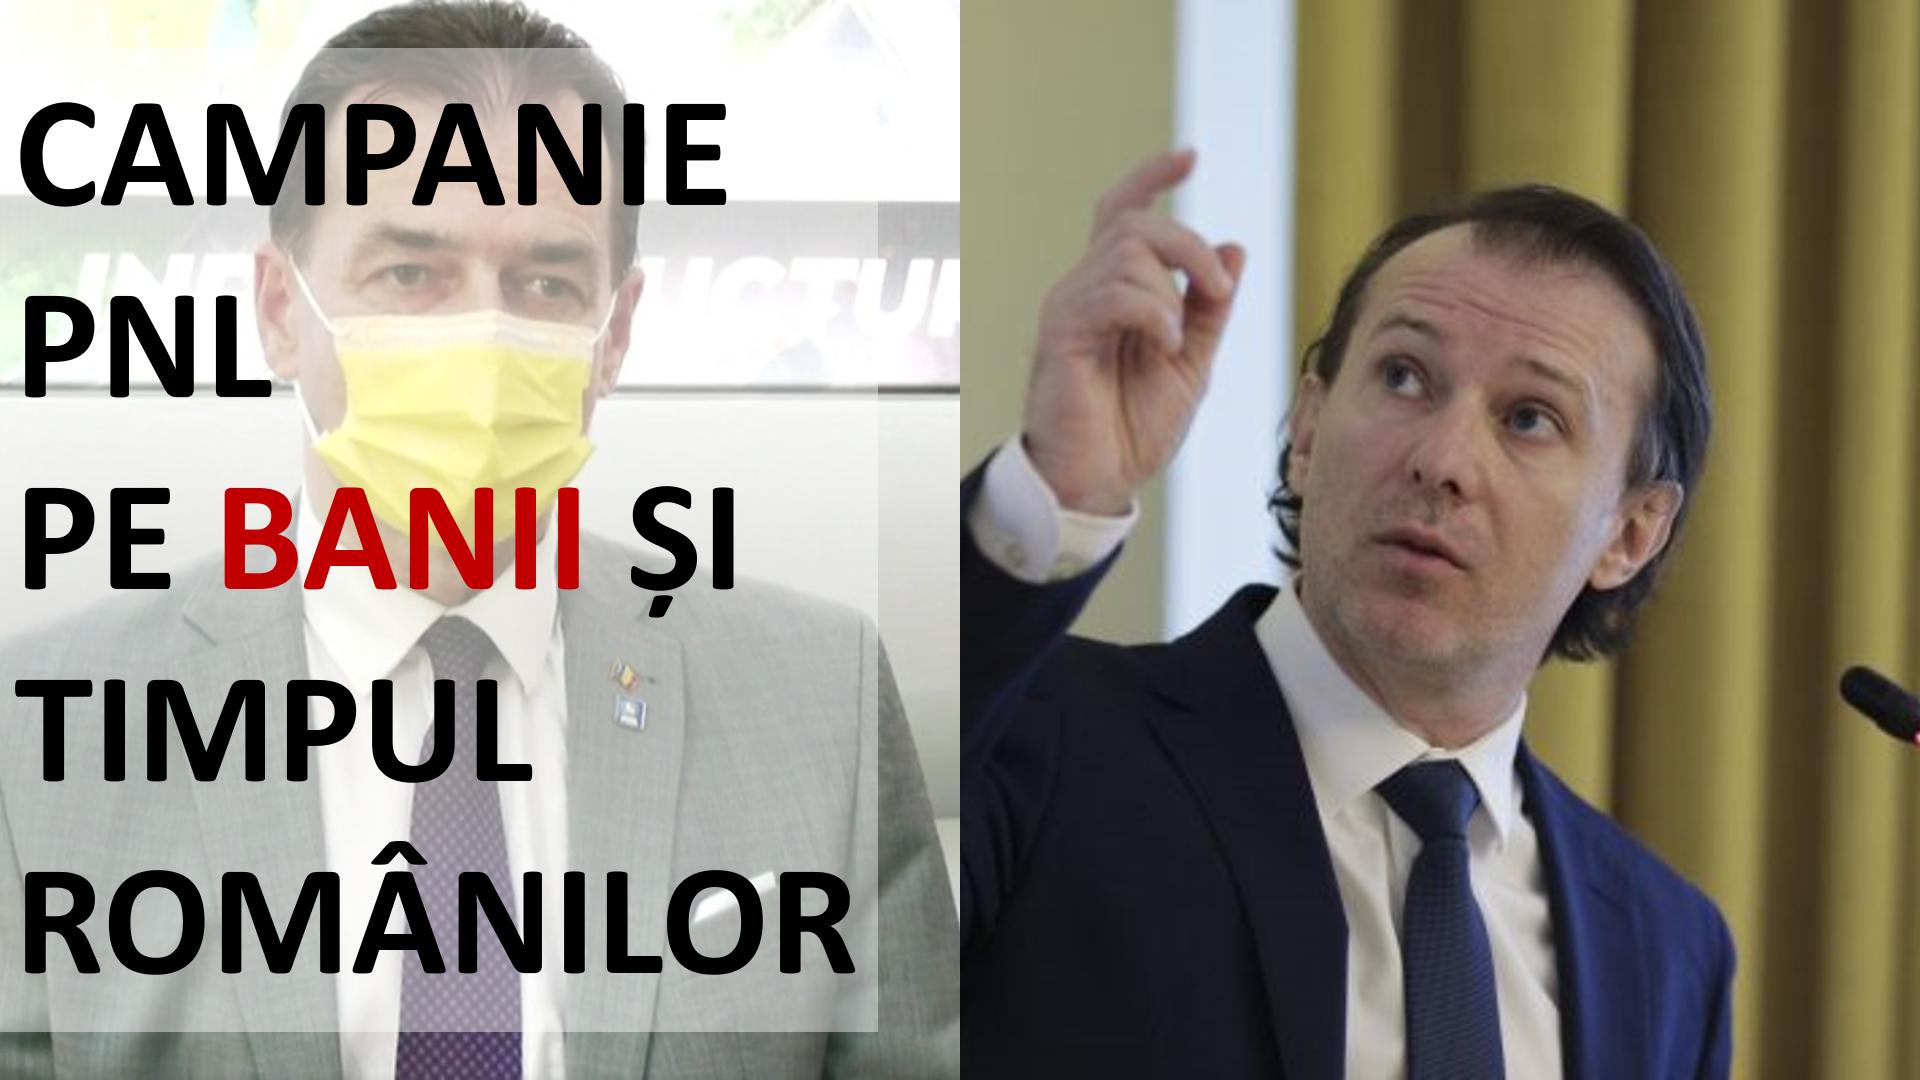 CÎȚU a uitat să guverneze. El și Orban își fac campanie electorală pe timpul și banii românilor – CRITICII.RO